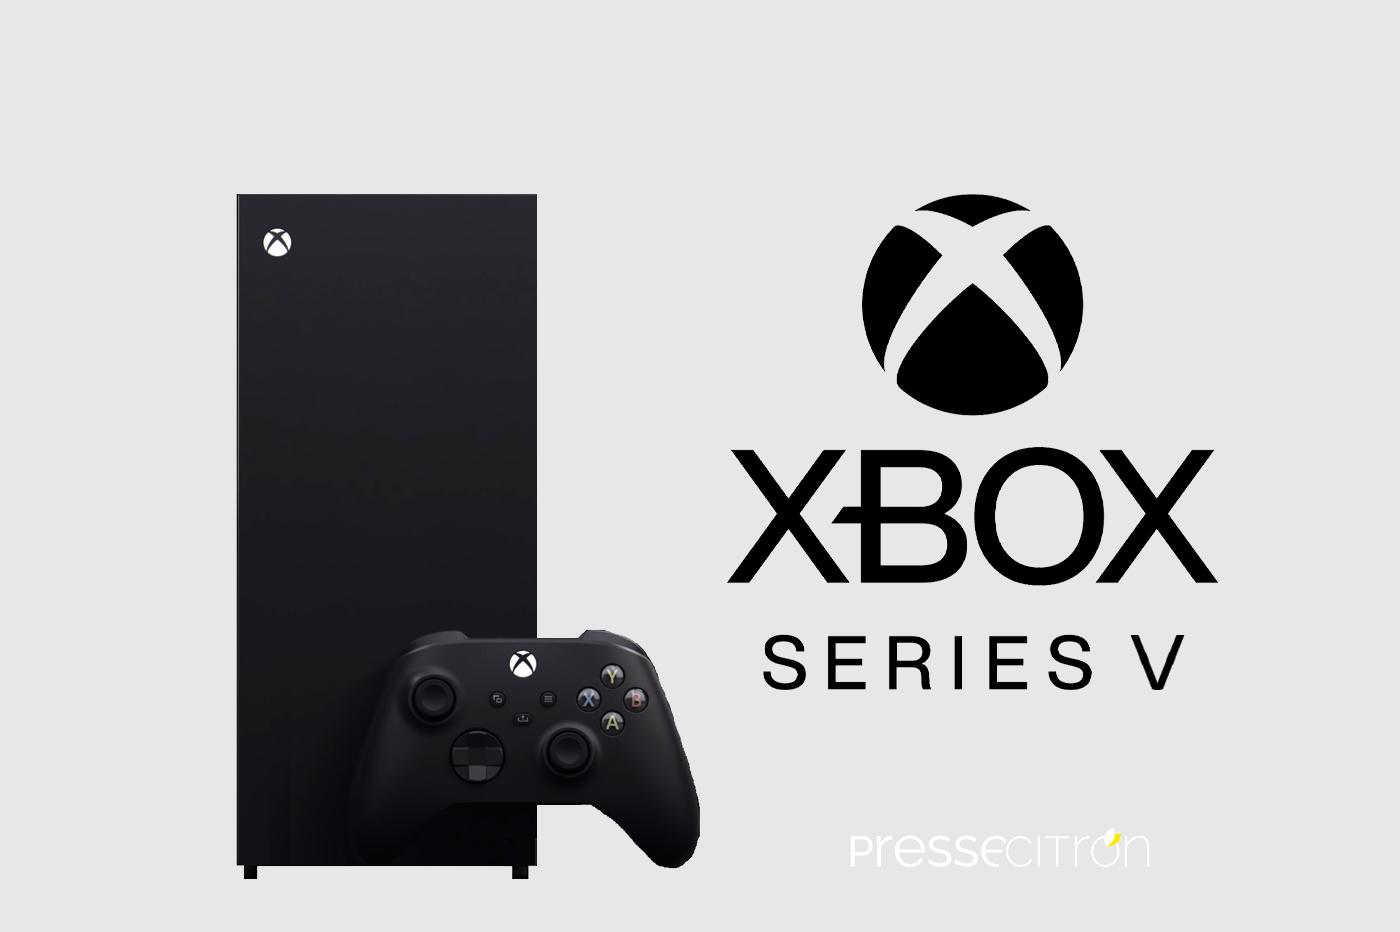 Les rumeurs autour de la Xbox Series V